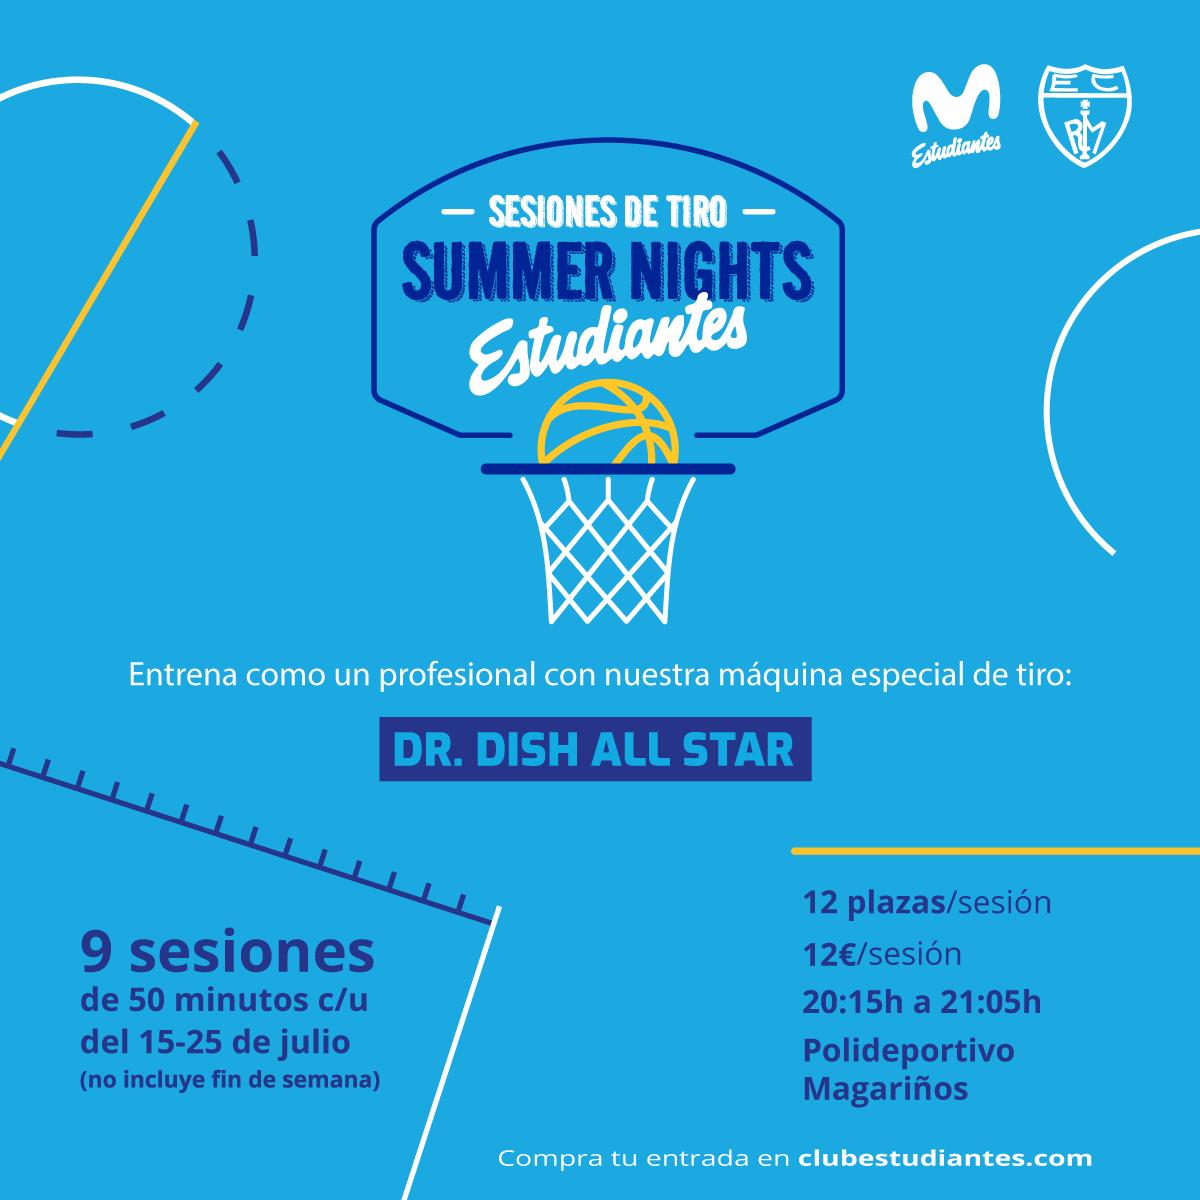 Sesiones de tiro Summer Nights Estudiantes